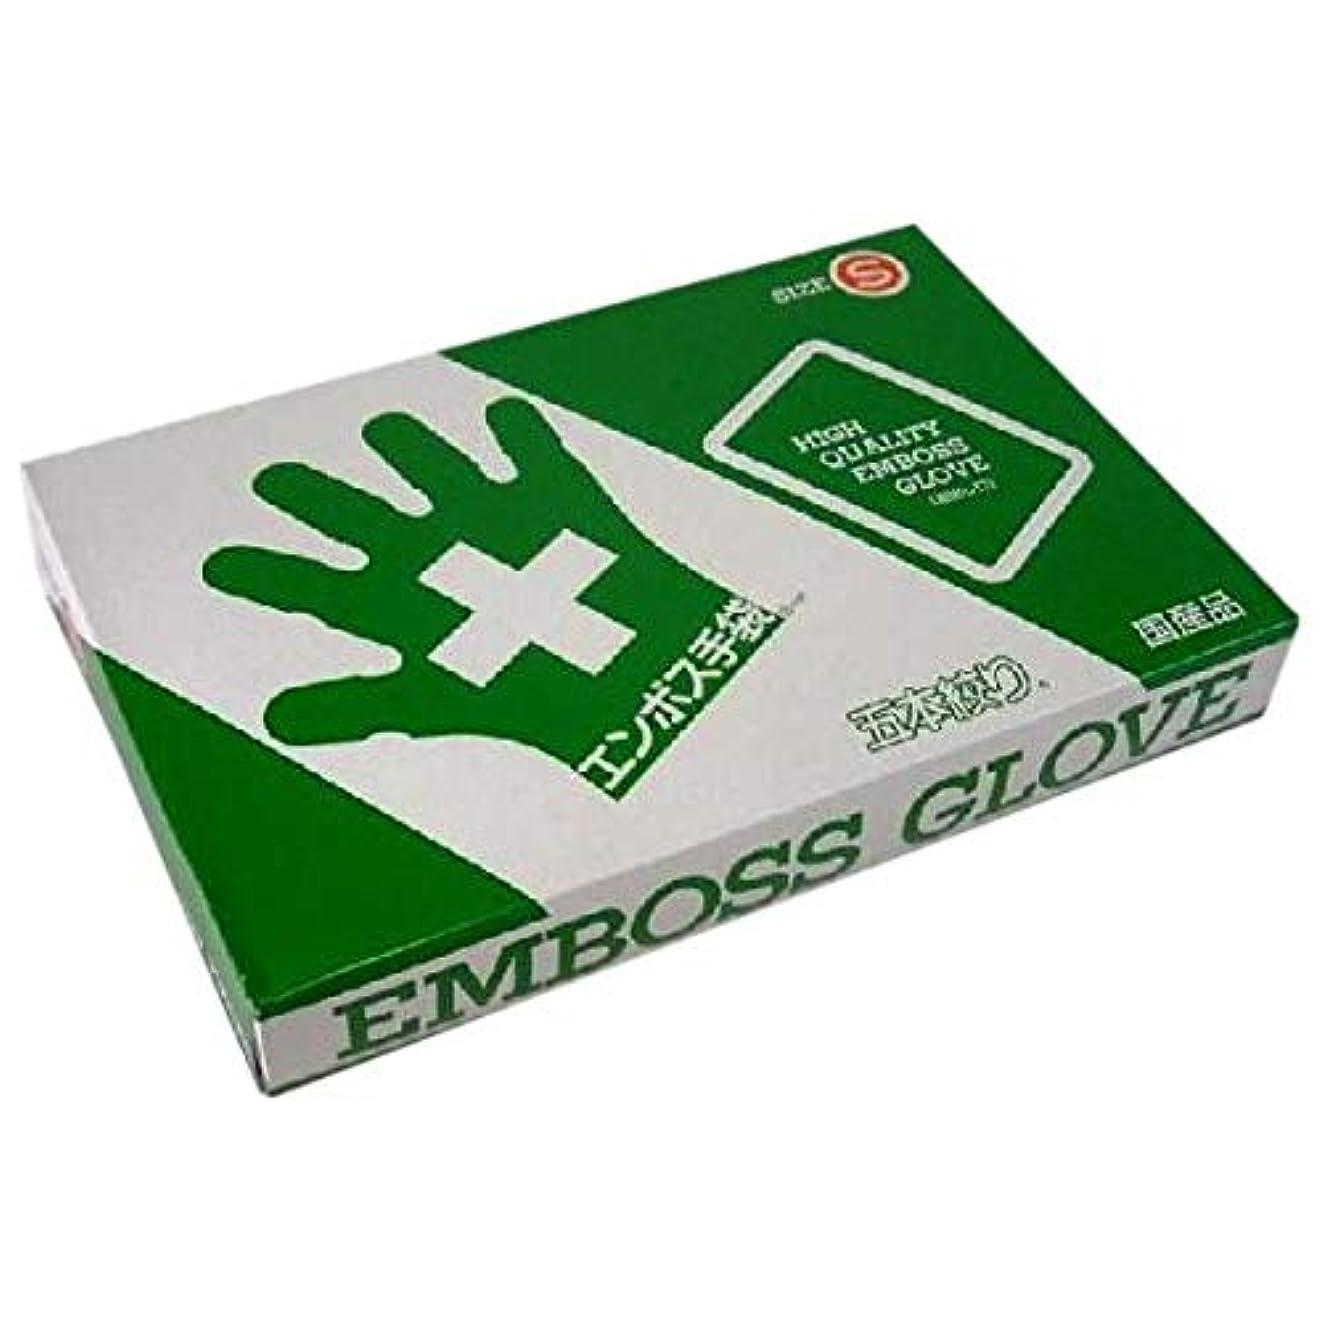 環境に優しい郵便局雇用エンボス手袋 5本絞り(使い捨て手袋国産品) 東京パック S 200枚入x20箱入り